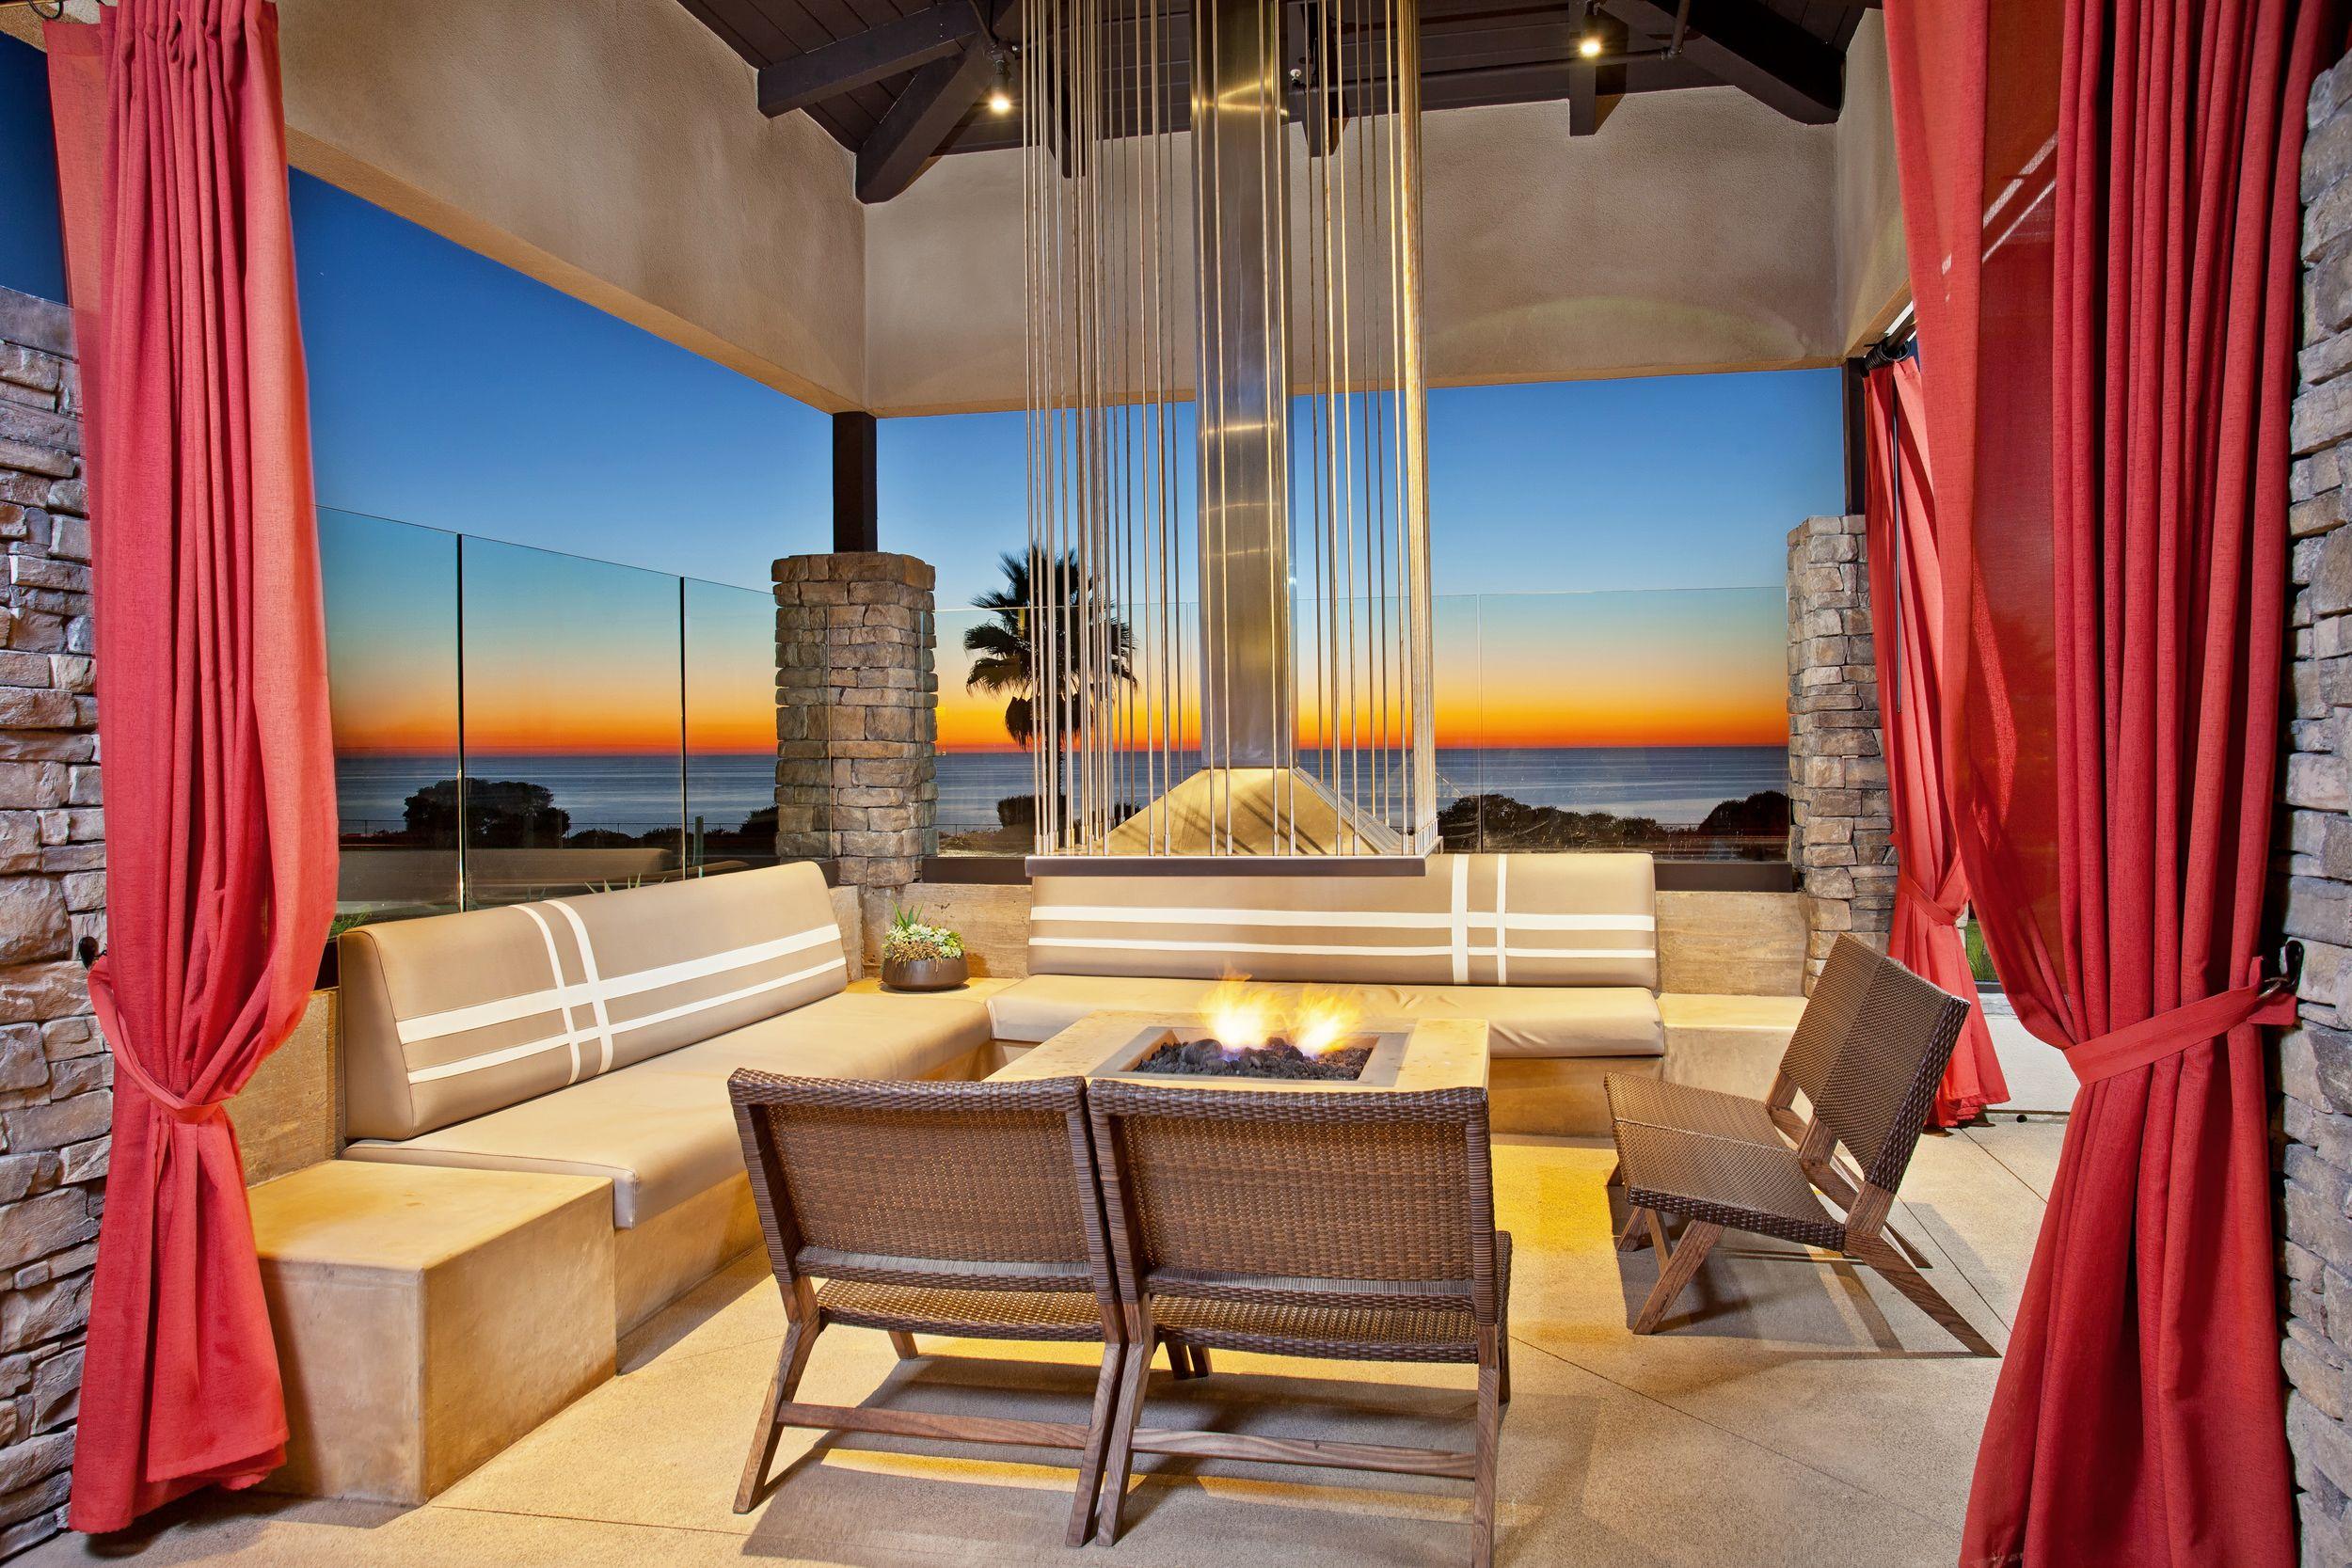 Hilton Carlsbad Oceanfront California Jetsetter